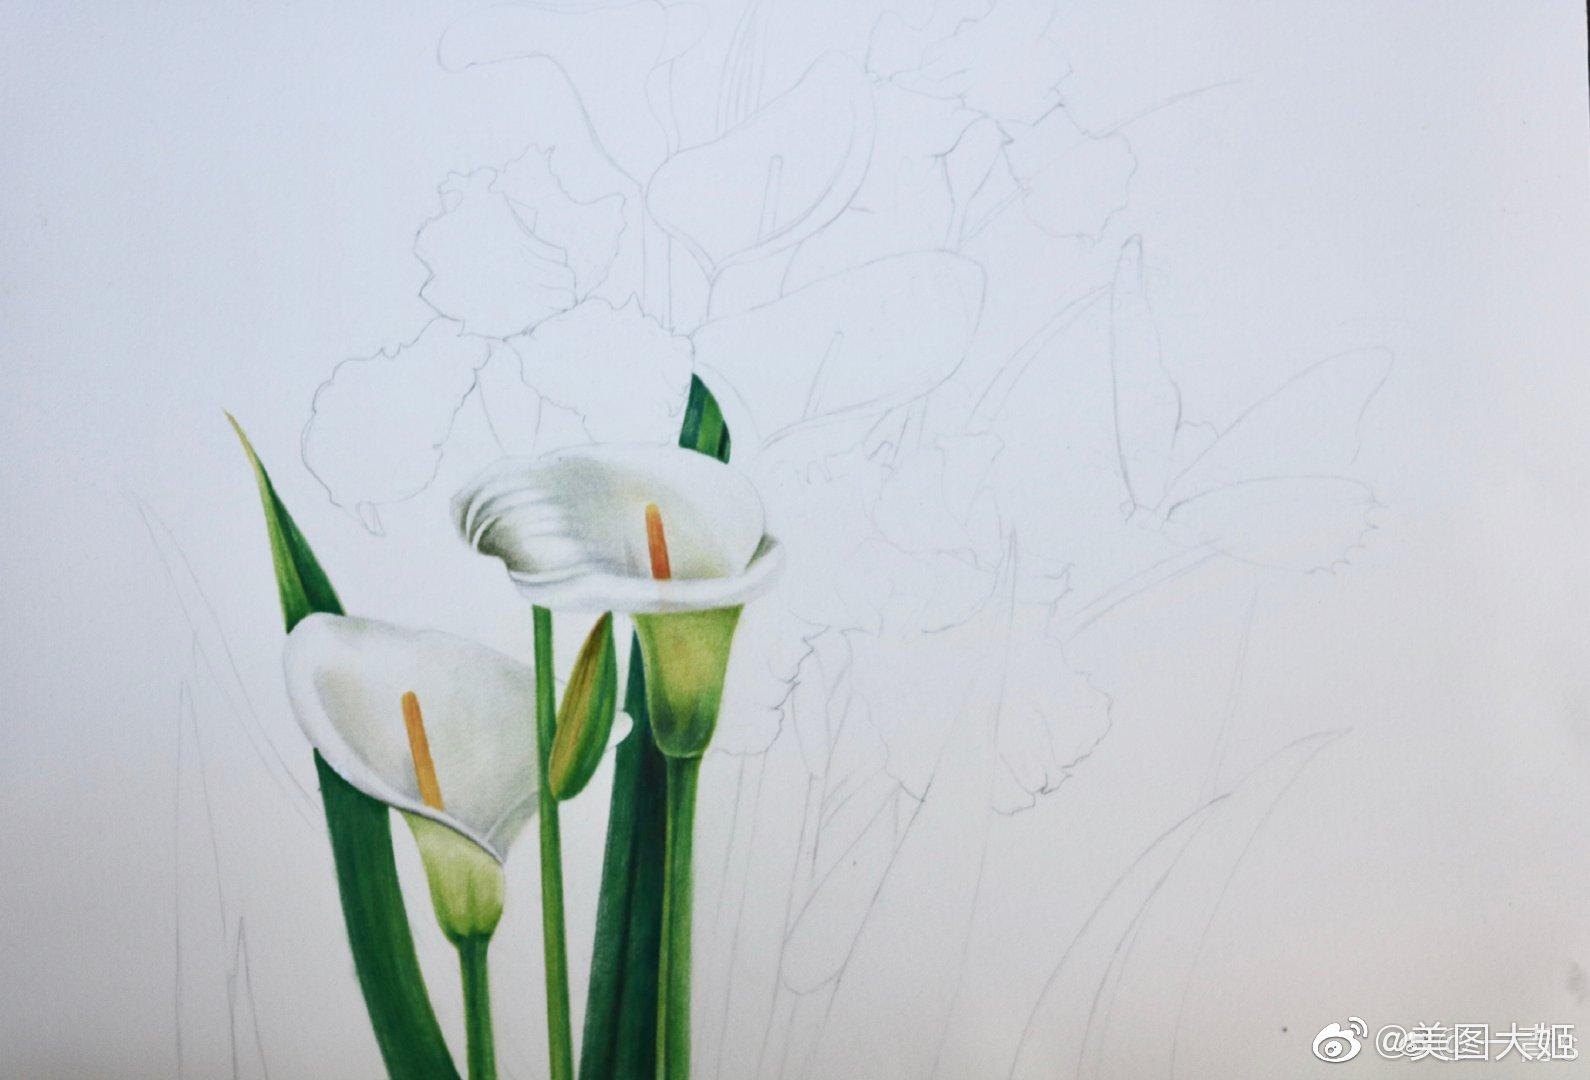 彩铅画手绘作品 花卉作者@一青s